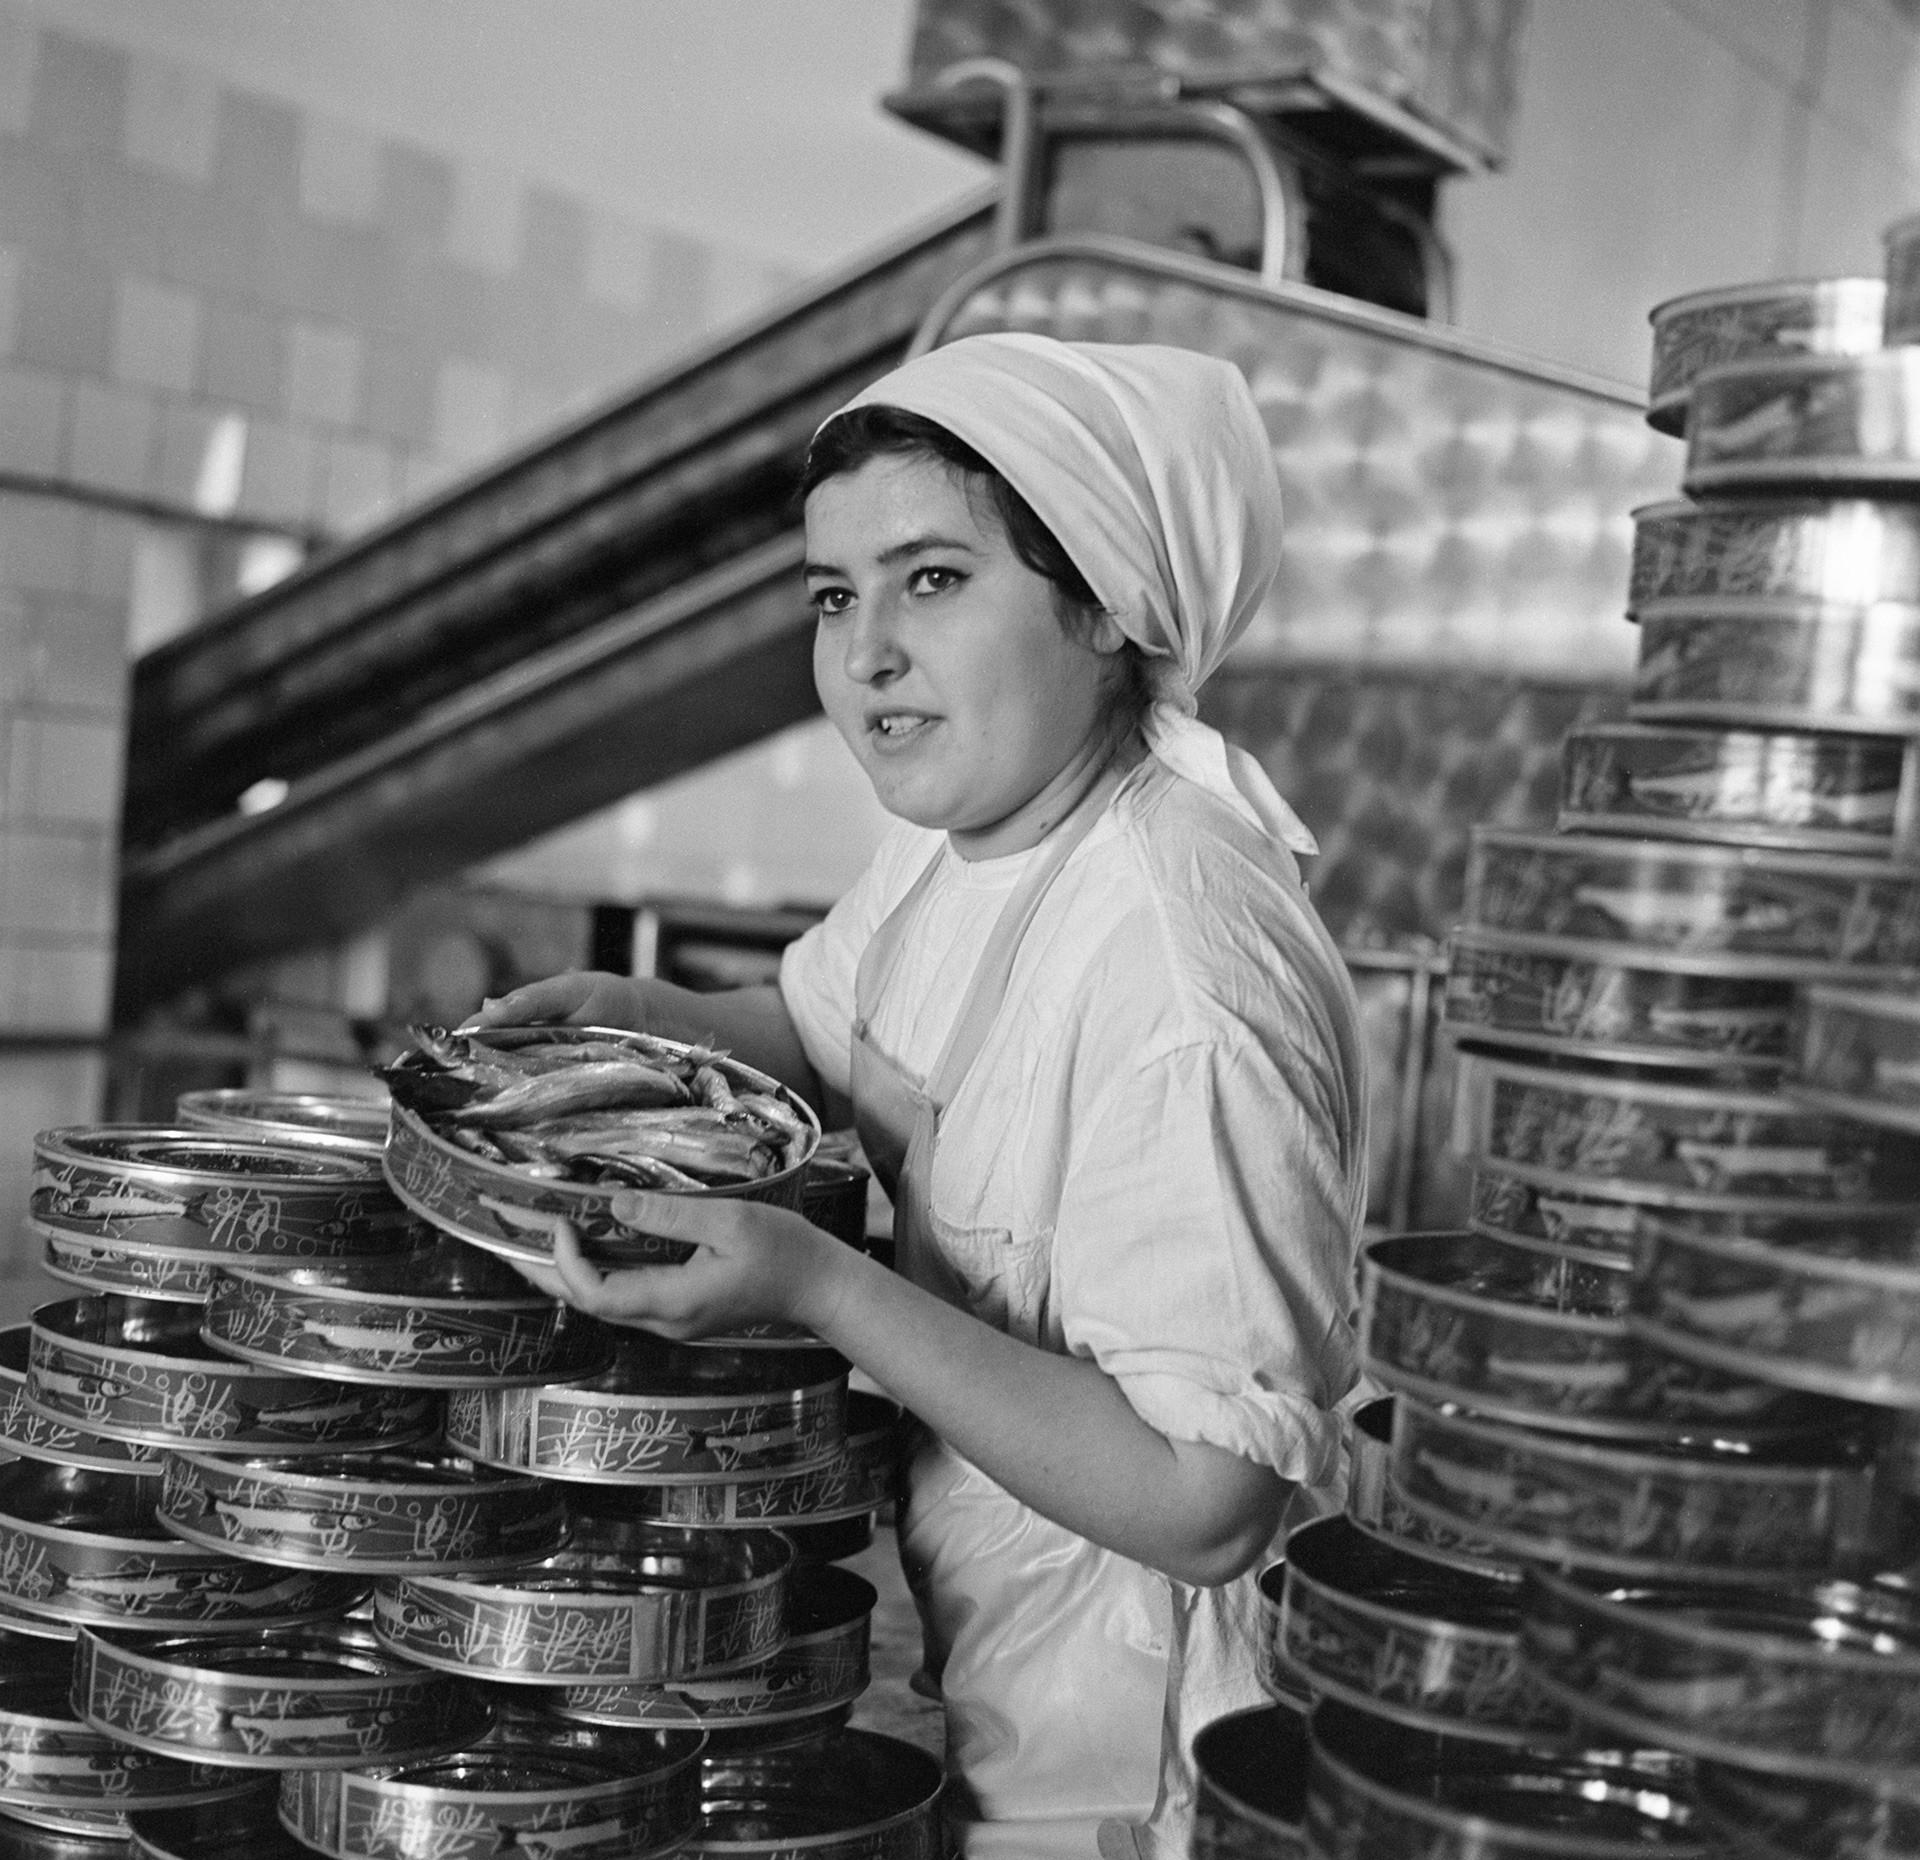 Pabrik pengalengan ikan di Murmansk, 1971.